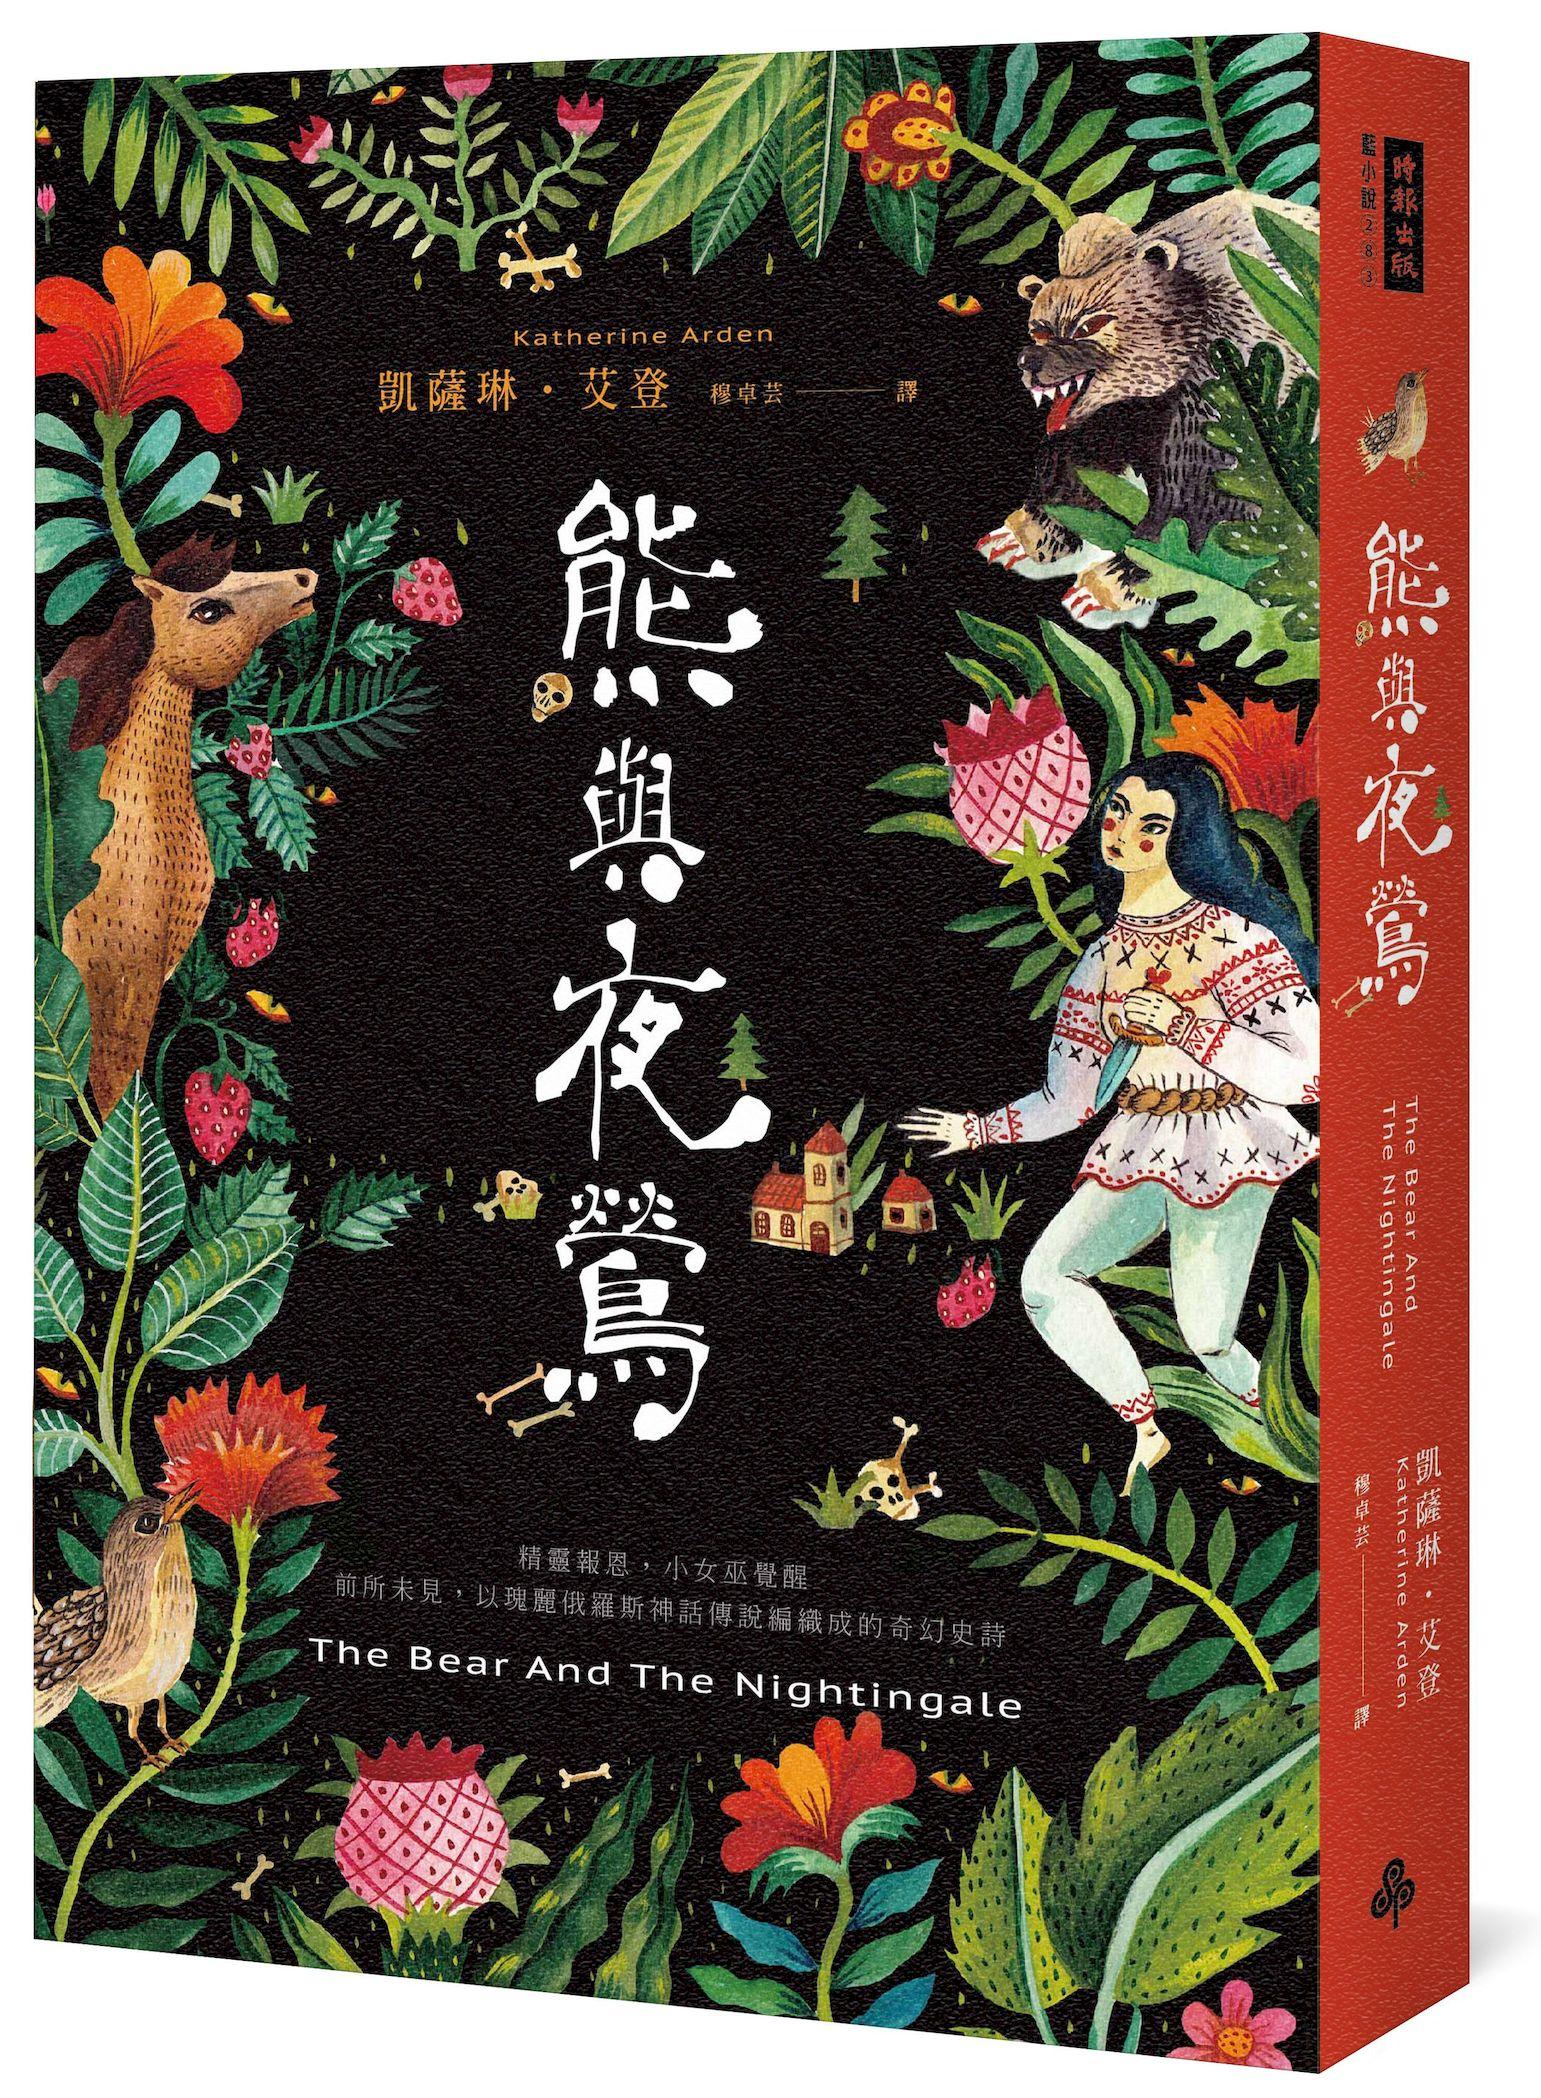 『童話奇幻』的新經典二書:熊與夜鶯+少女與魔馬